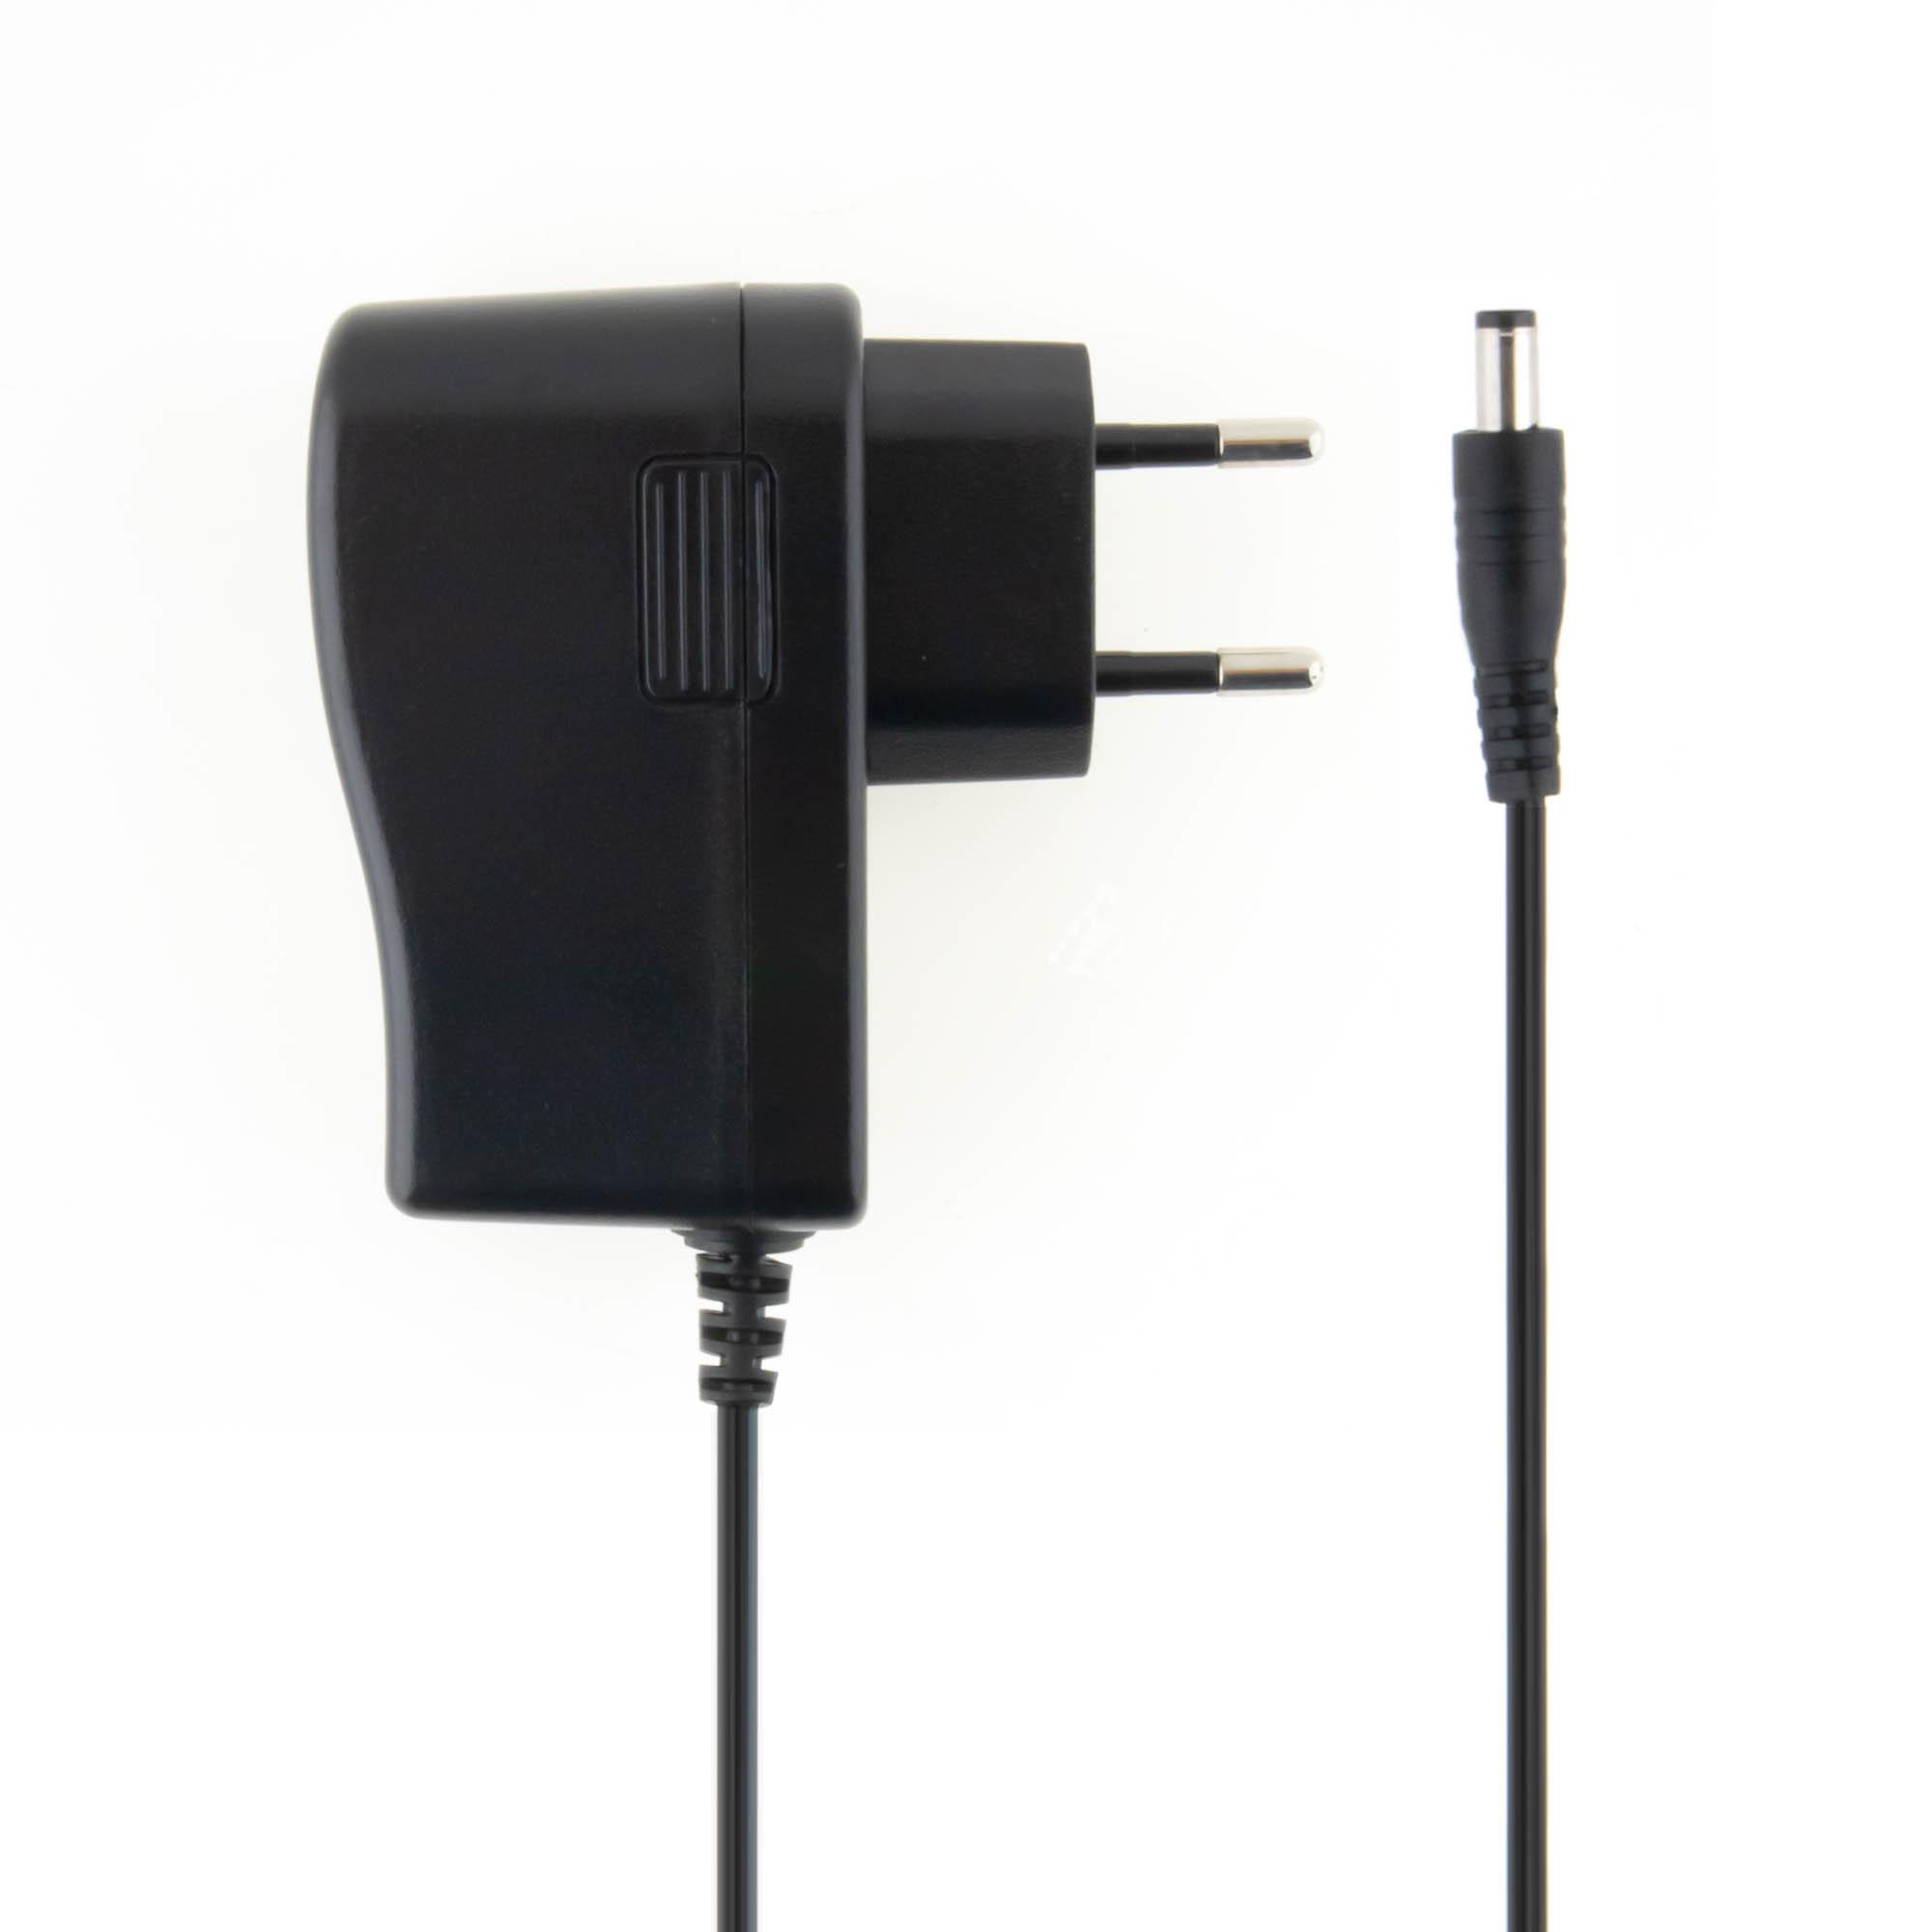 steckernetzteil 12v 1a 312318 matrix handels gmbh webshop. Black Bedroom Furniture Sets. Home Design Ideas